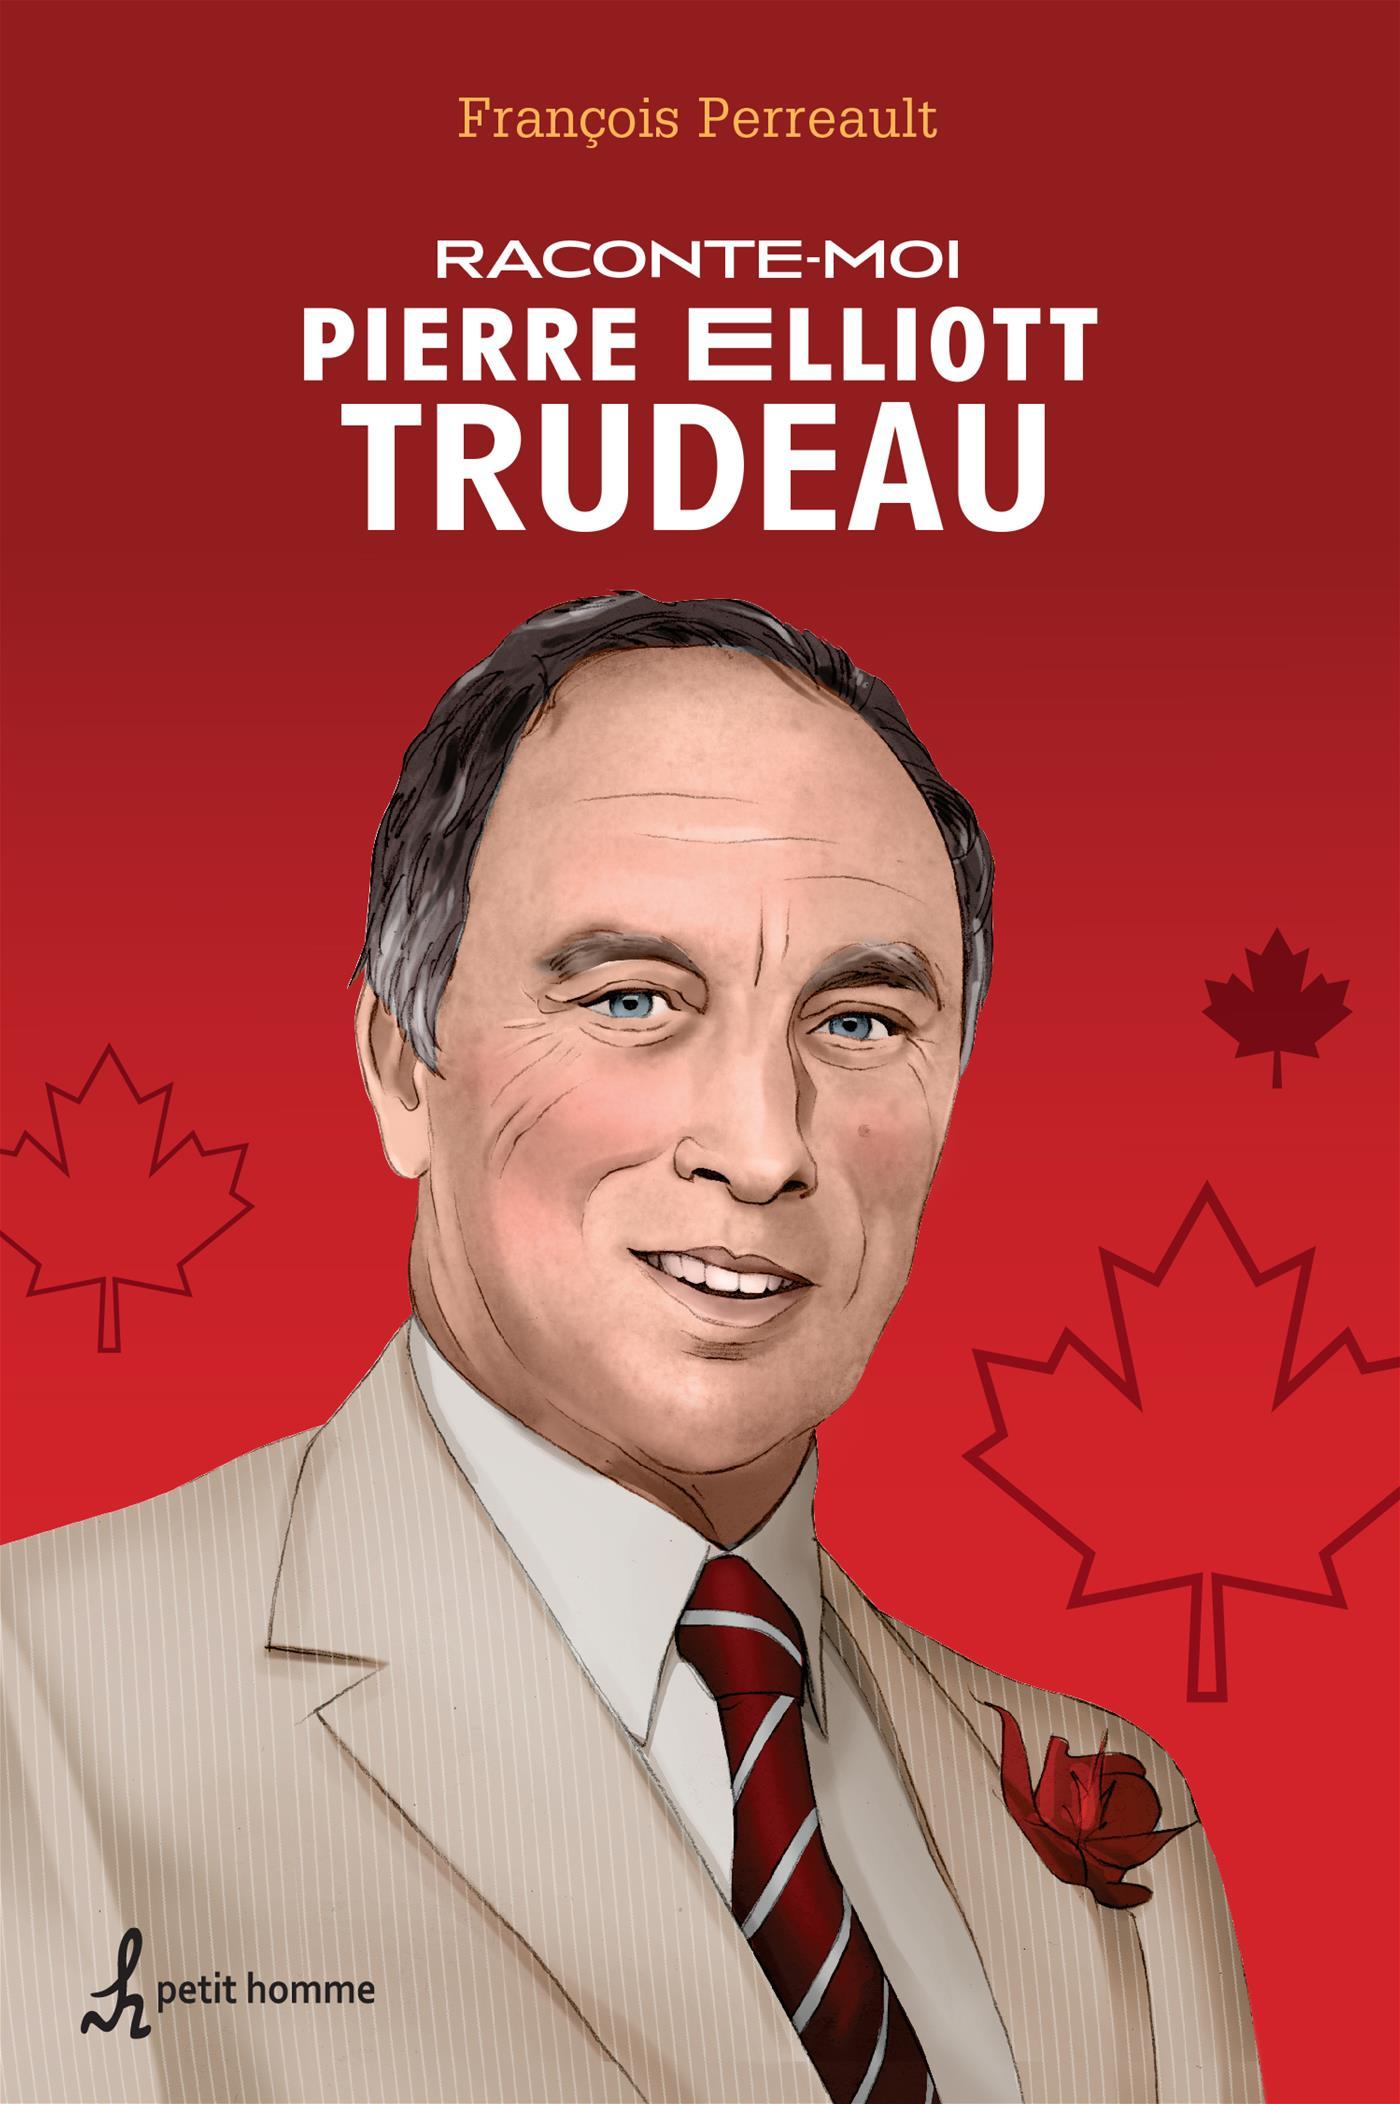 Raconte-moi Pierre Eliott Trudeau